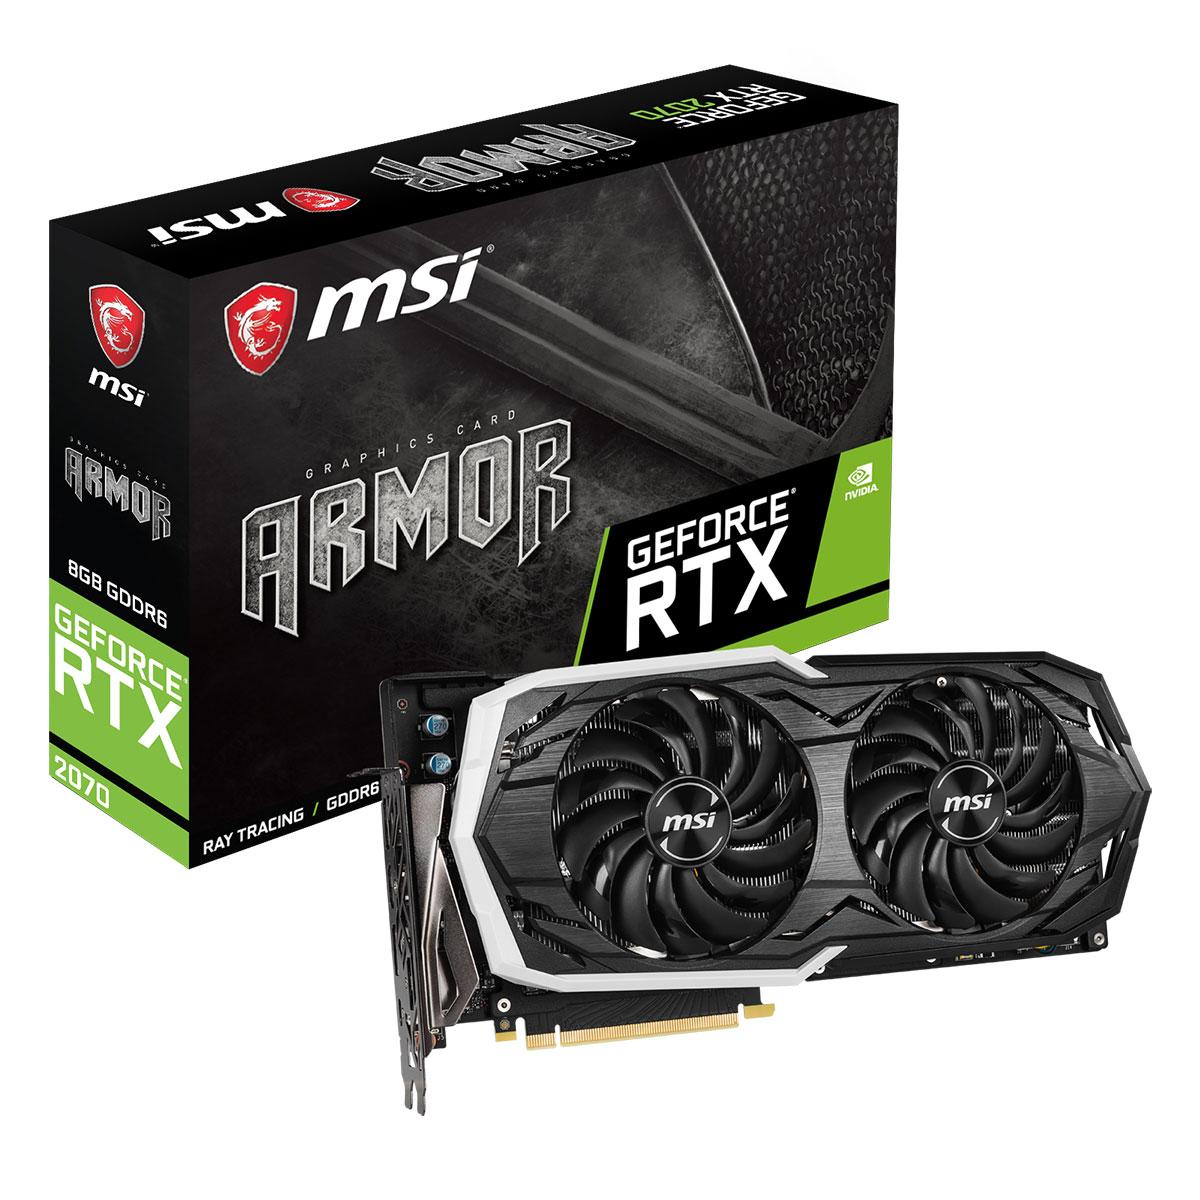 MSI GeForce RTX 2070 ARMOR 8G - Rue Montgallet